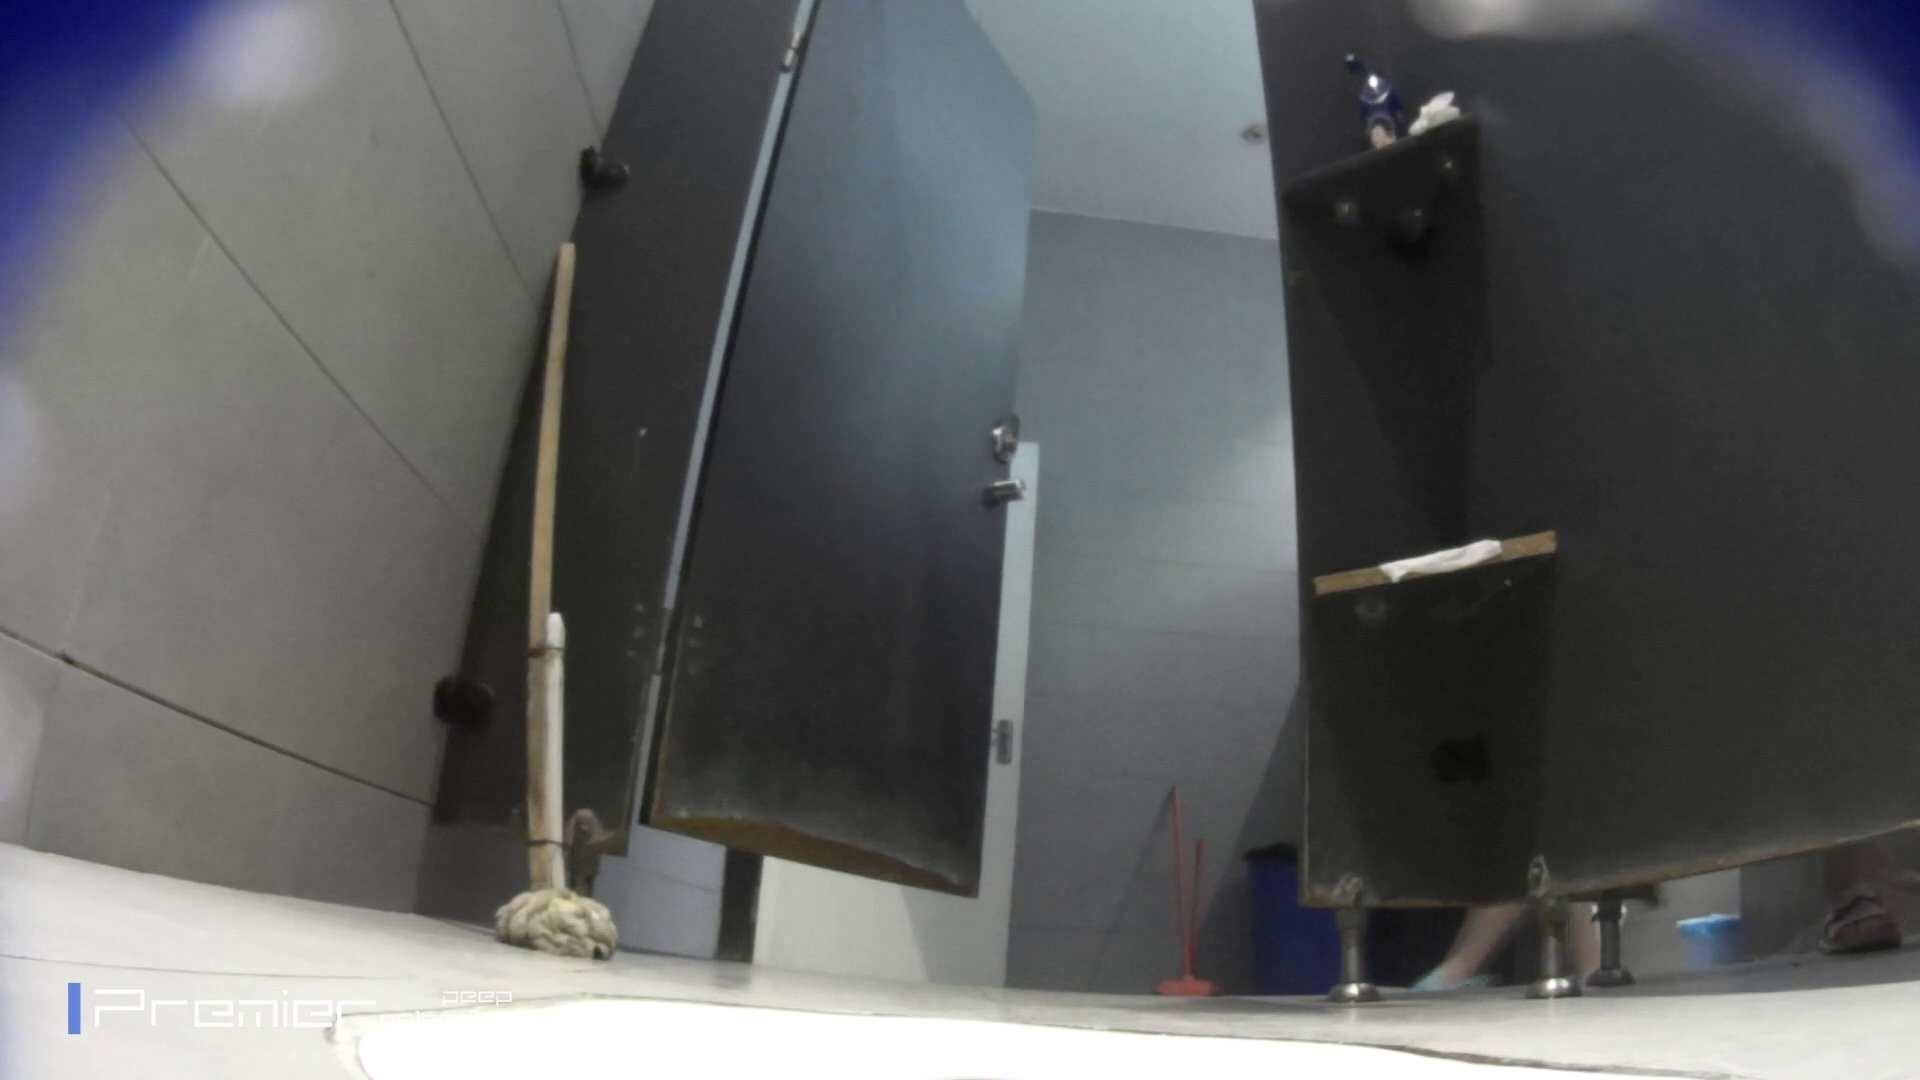 トイレットペーパーを握りしめ個室に入る乙女 大学休憩時間の洗面所事情83 盗撮・必見 | 盛合せ  39画像 1